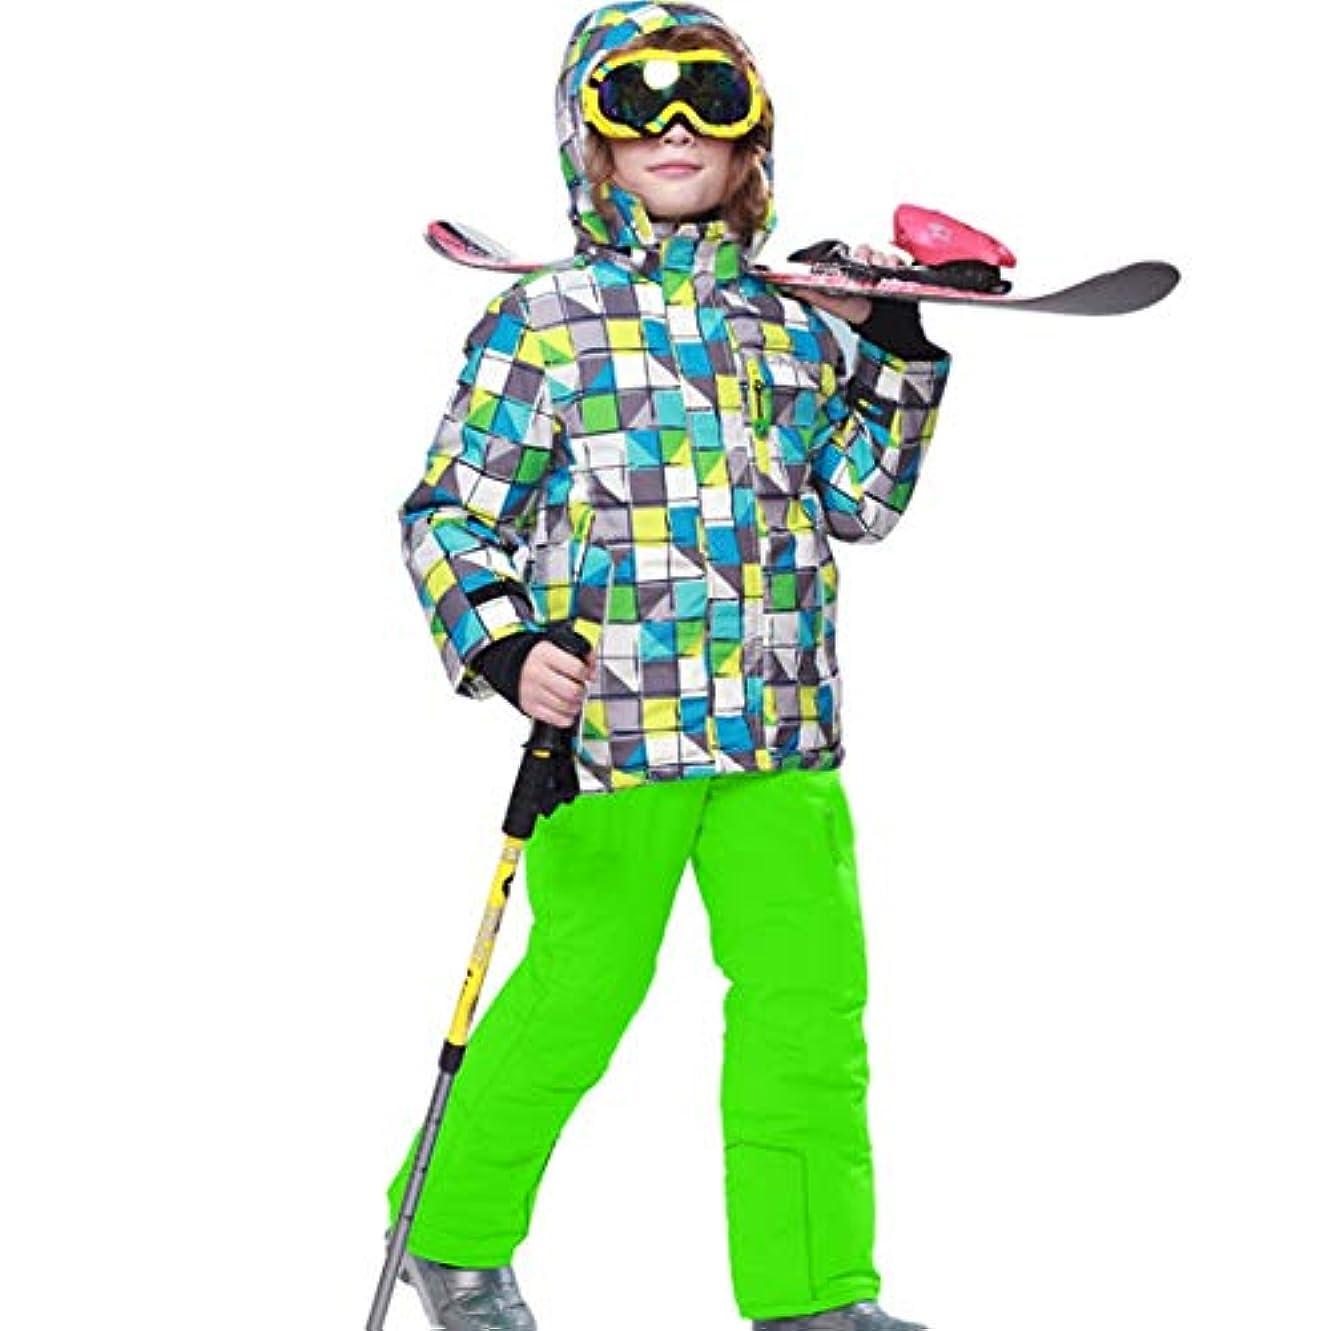 事務所倫理後世子供キッズ男の子/女の子スキースーツ防水パンツ+ジャケットセットウィンタースポーツ厚手の服子供用スキースーツ-緑146/152